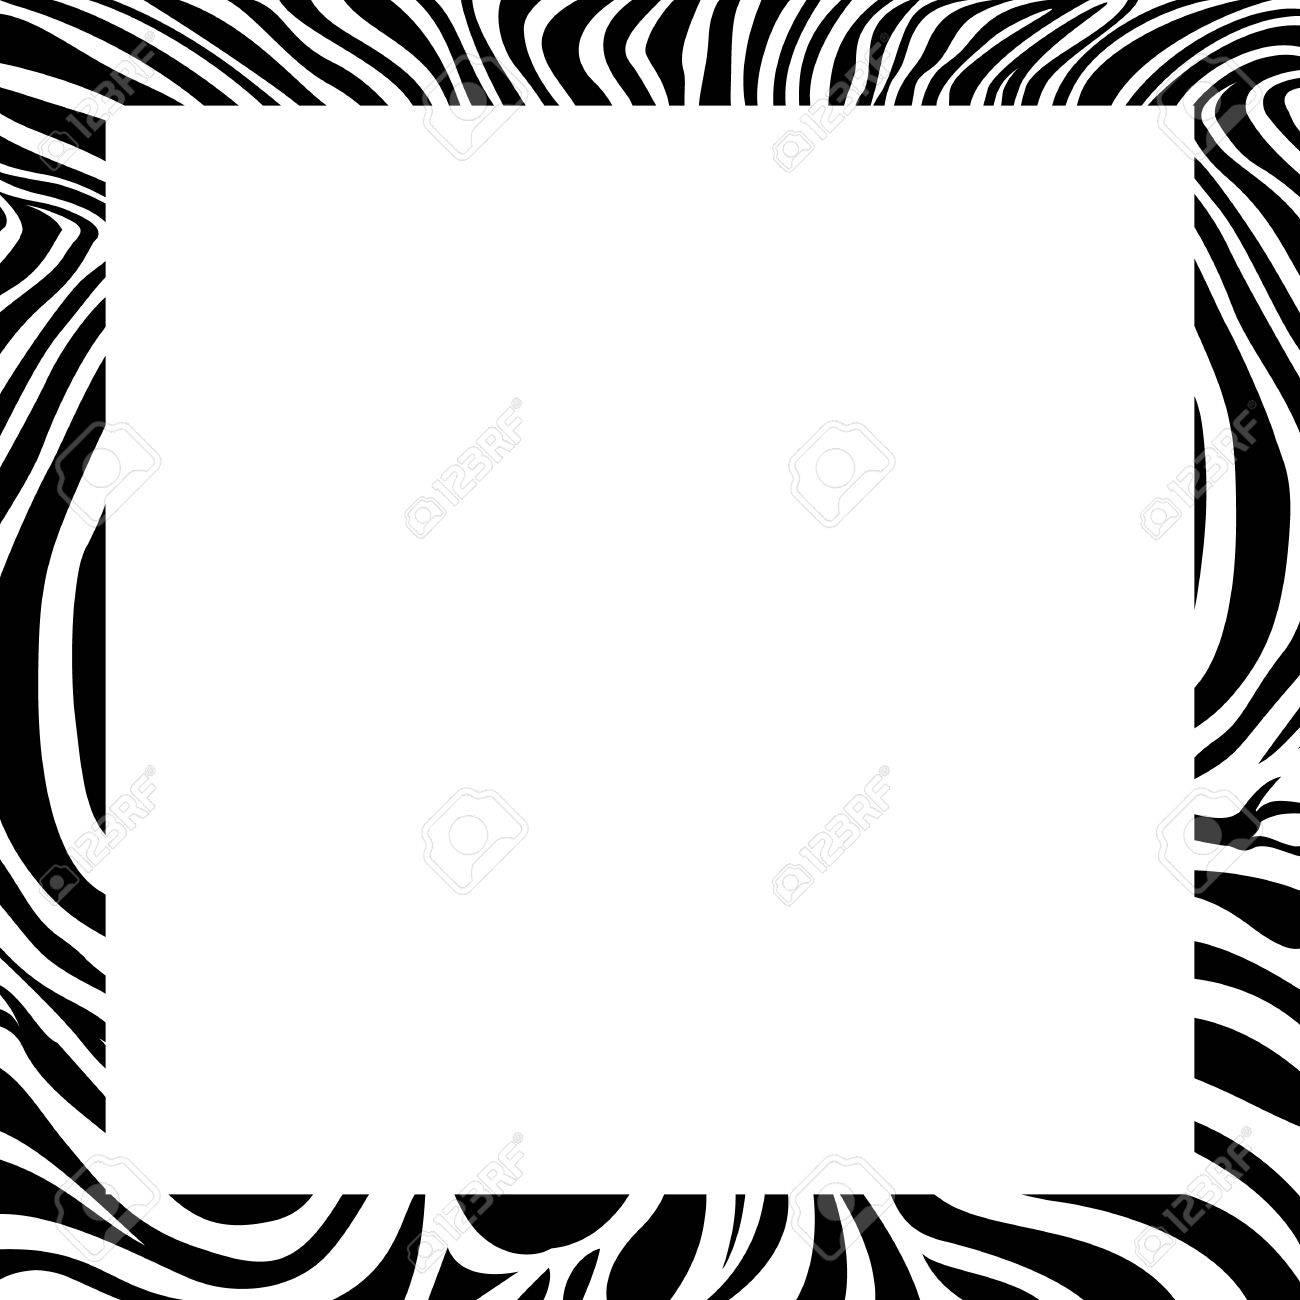 zebra print border frame design animal skin texture vector rh 123rf com vector zebra pattern for illustrator zebra pattern vector free download